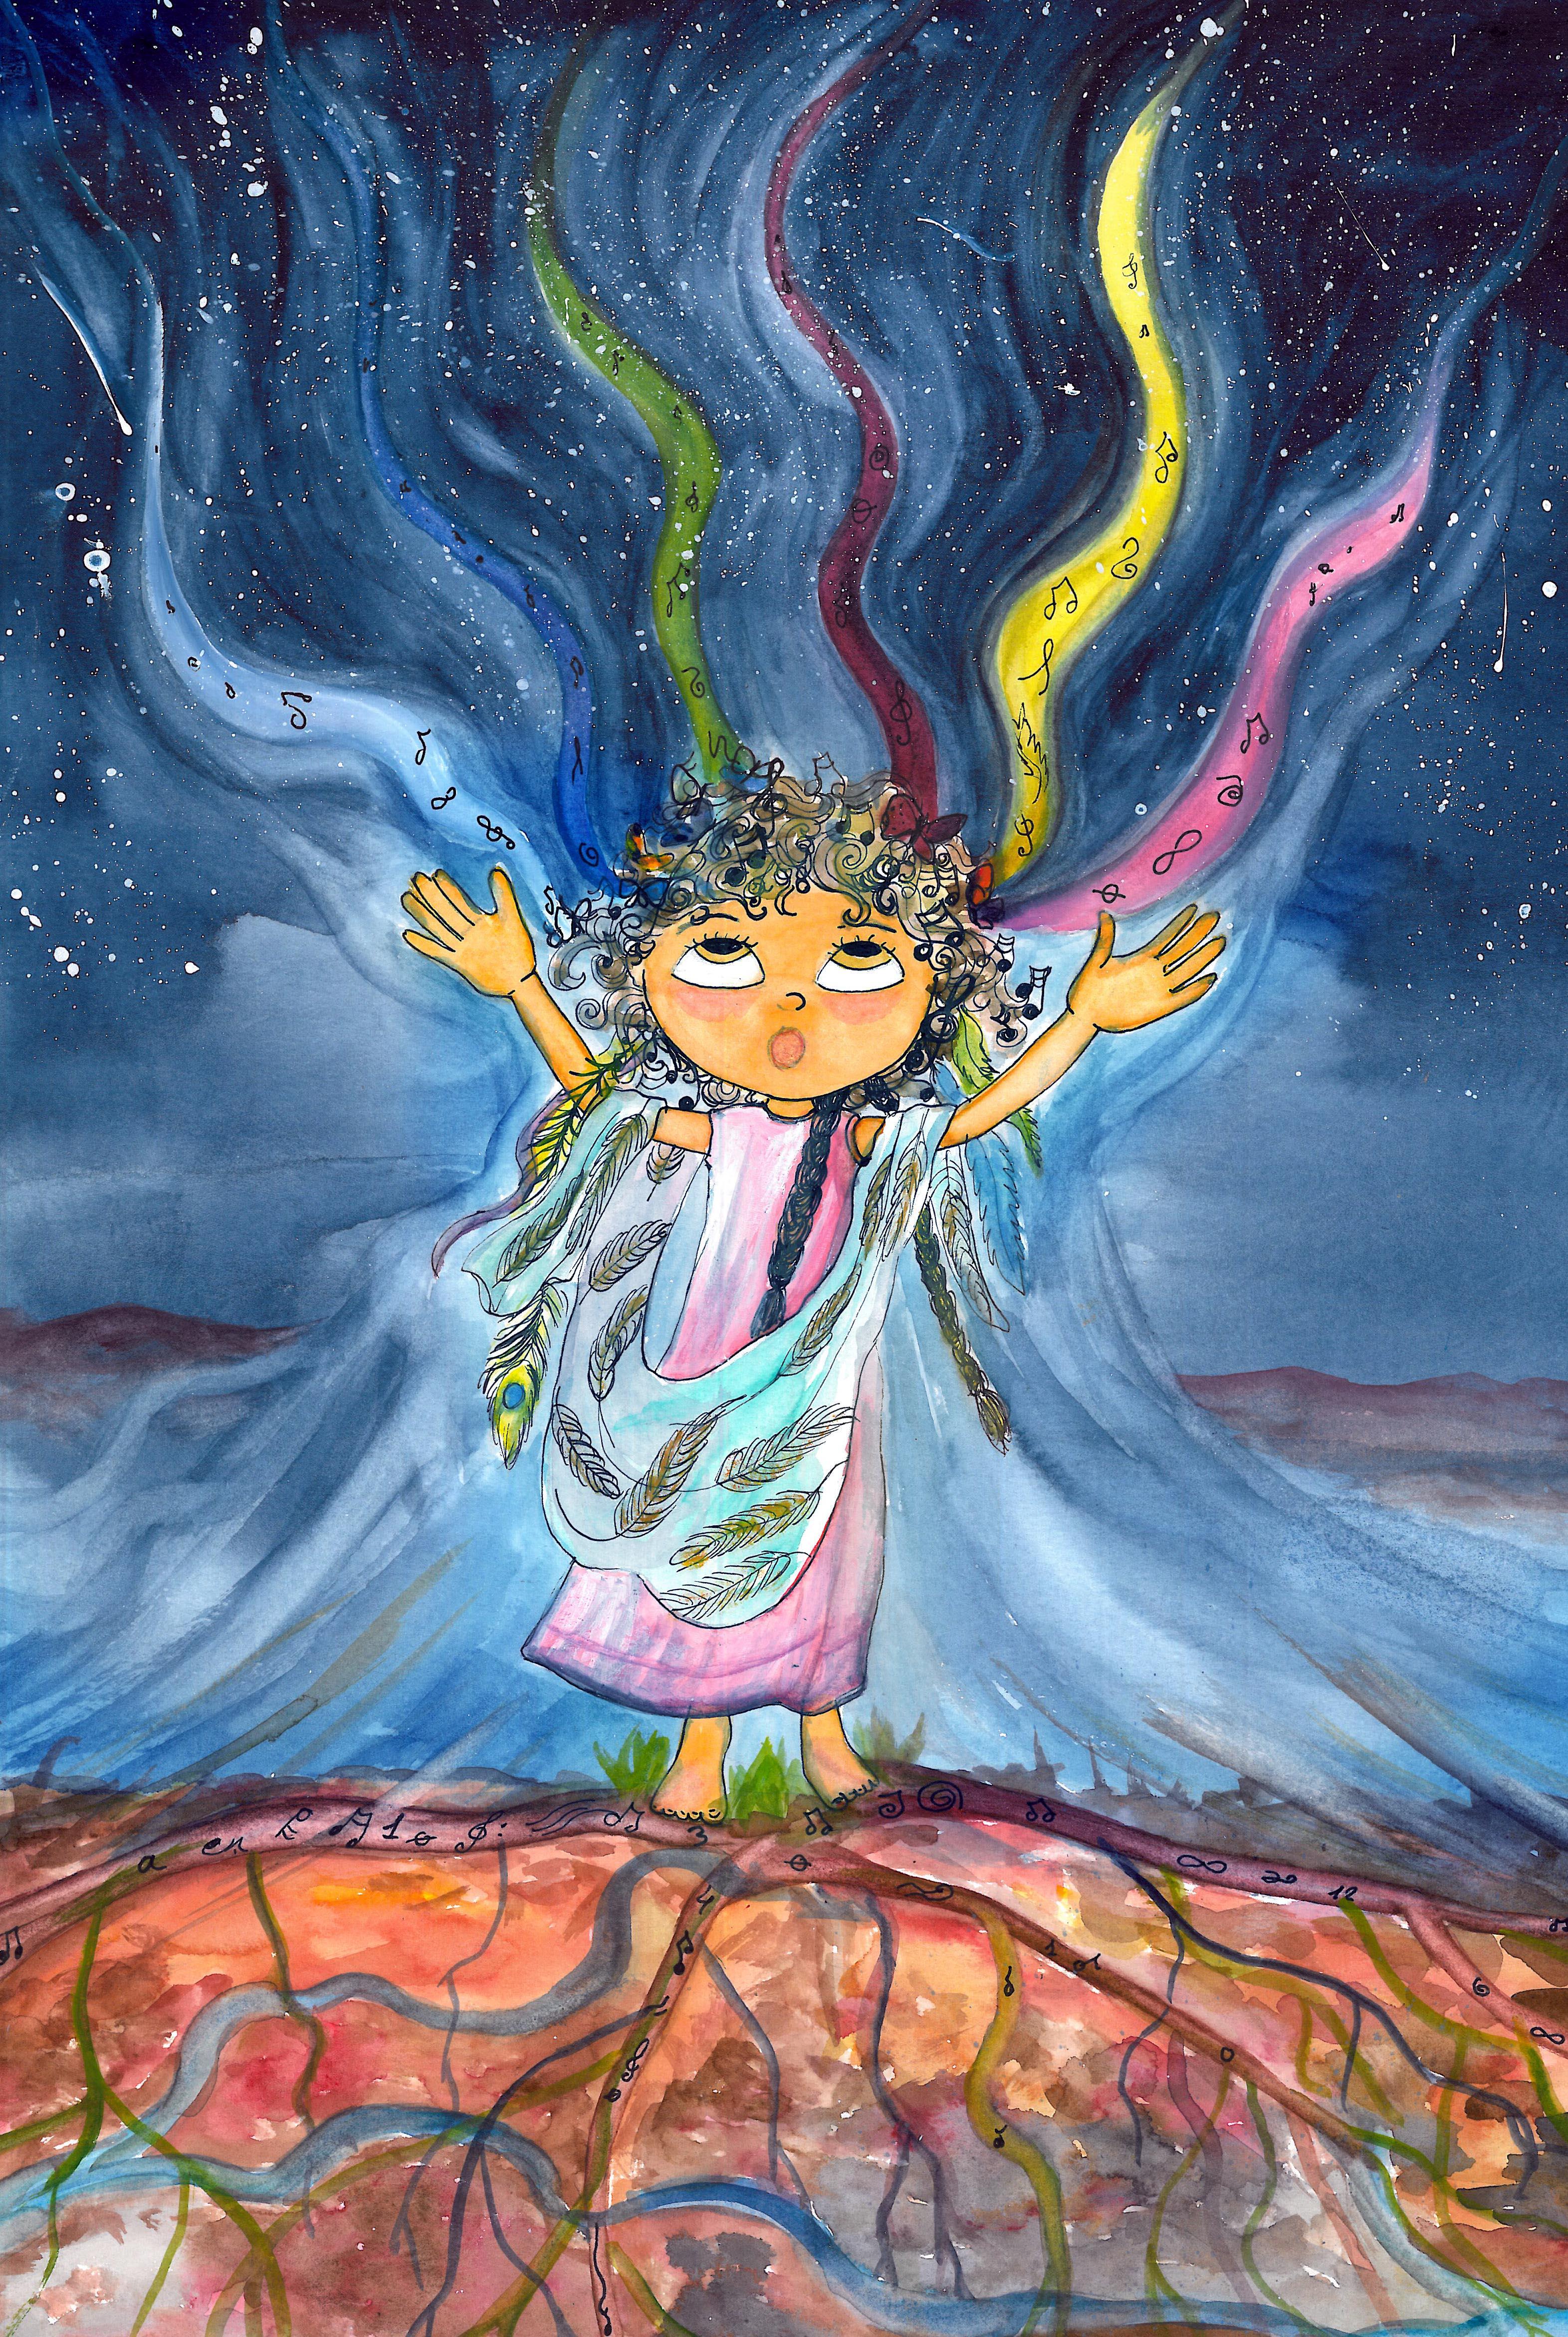 Dibujo de Tania Ruzs. Pintado por Gemma Sánchez